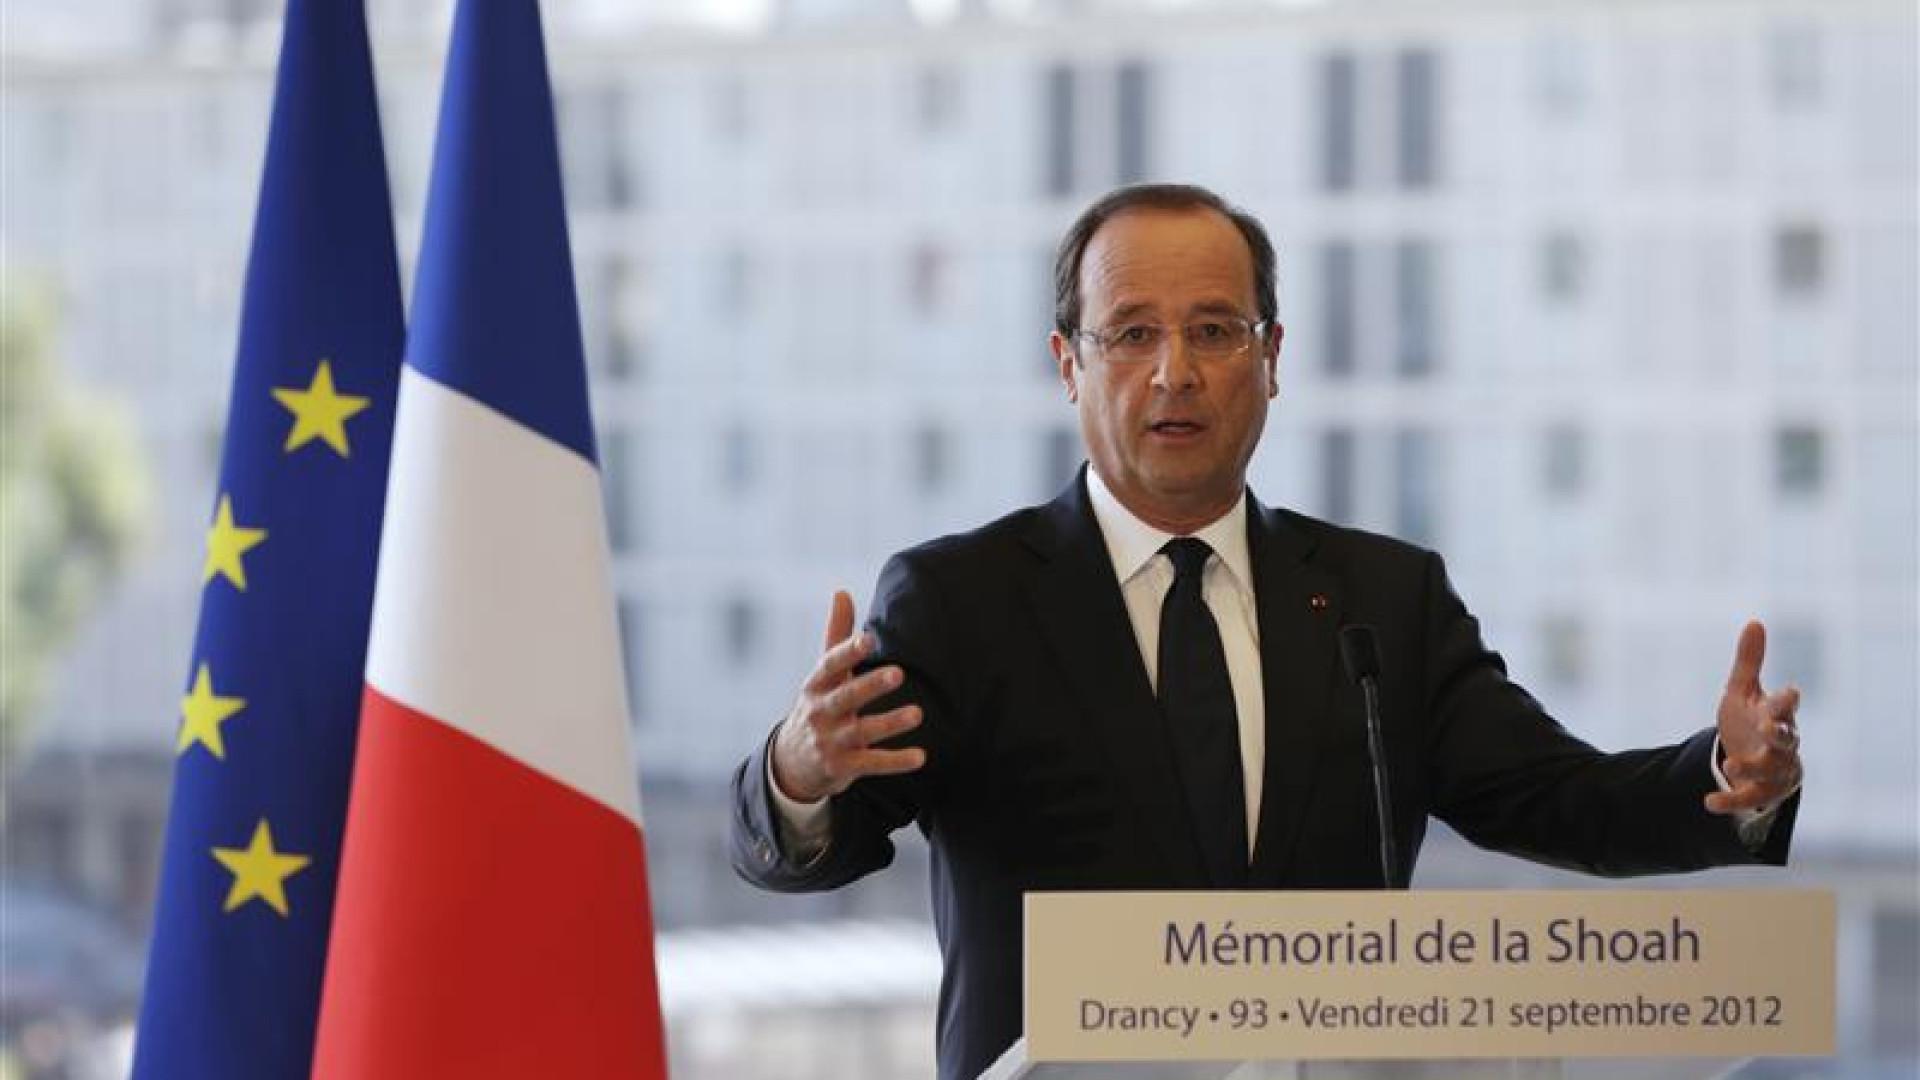 França revela orçamento mais duro em 30 anos, Ricos pagam imposto de 75%